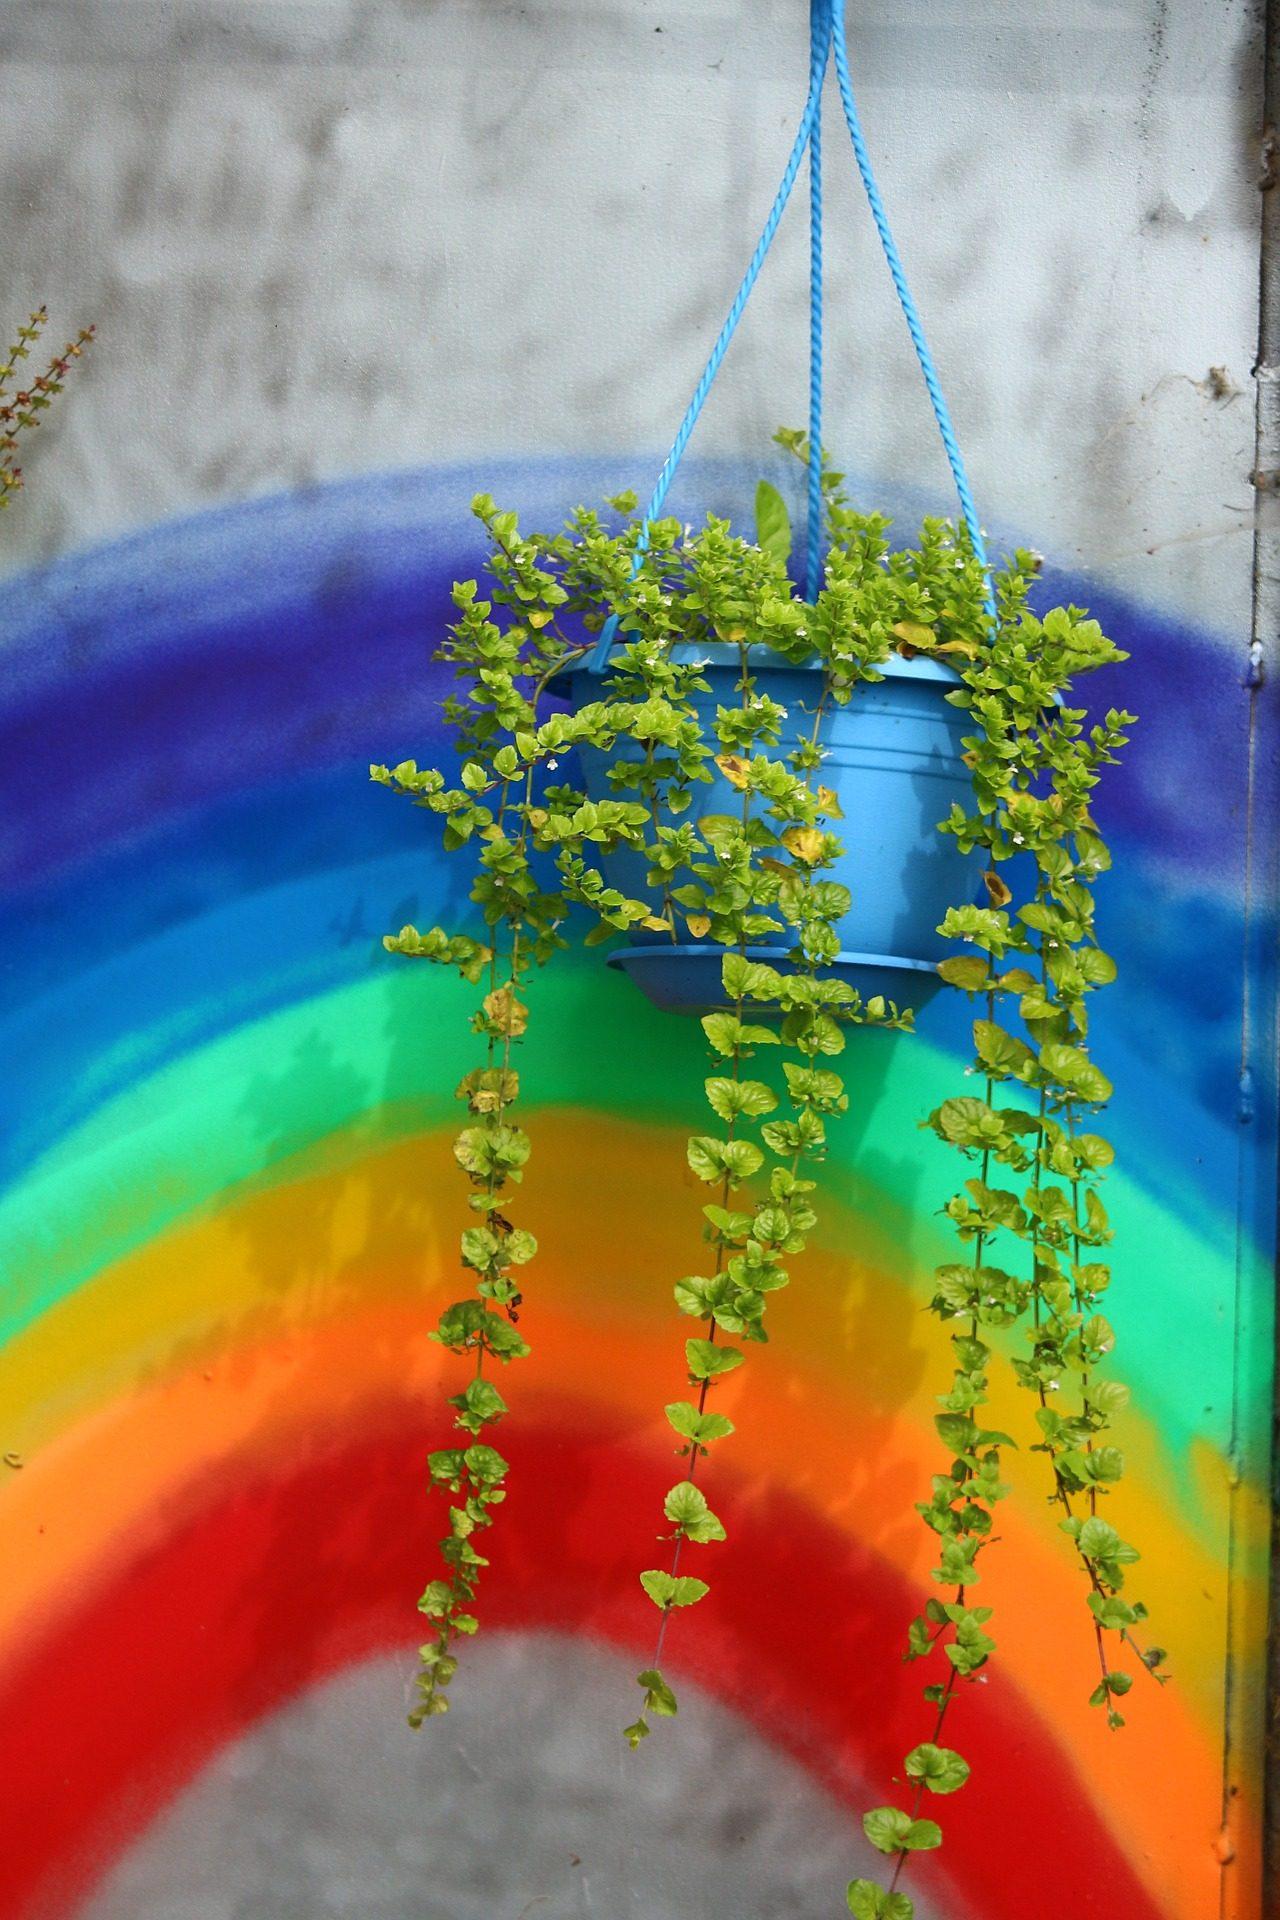 植木鉢, 1 階, 壁, 絵画, 虹 - HD の壁紙 - 教授-falken.com